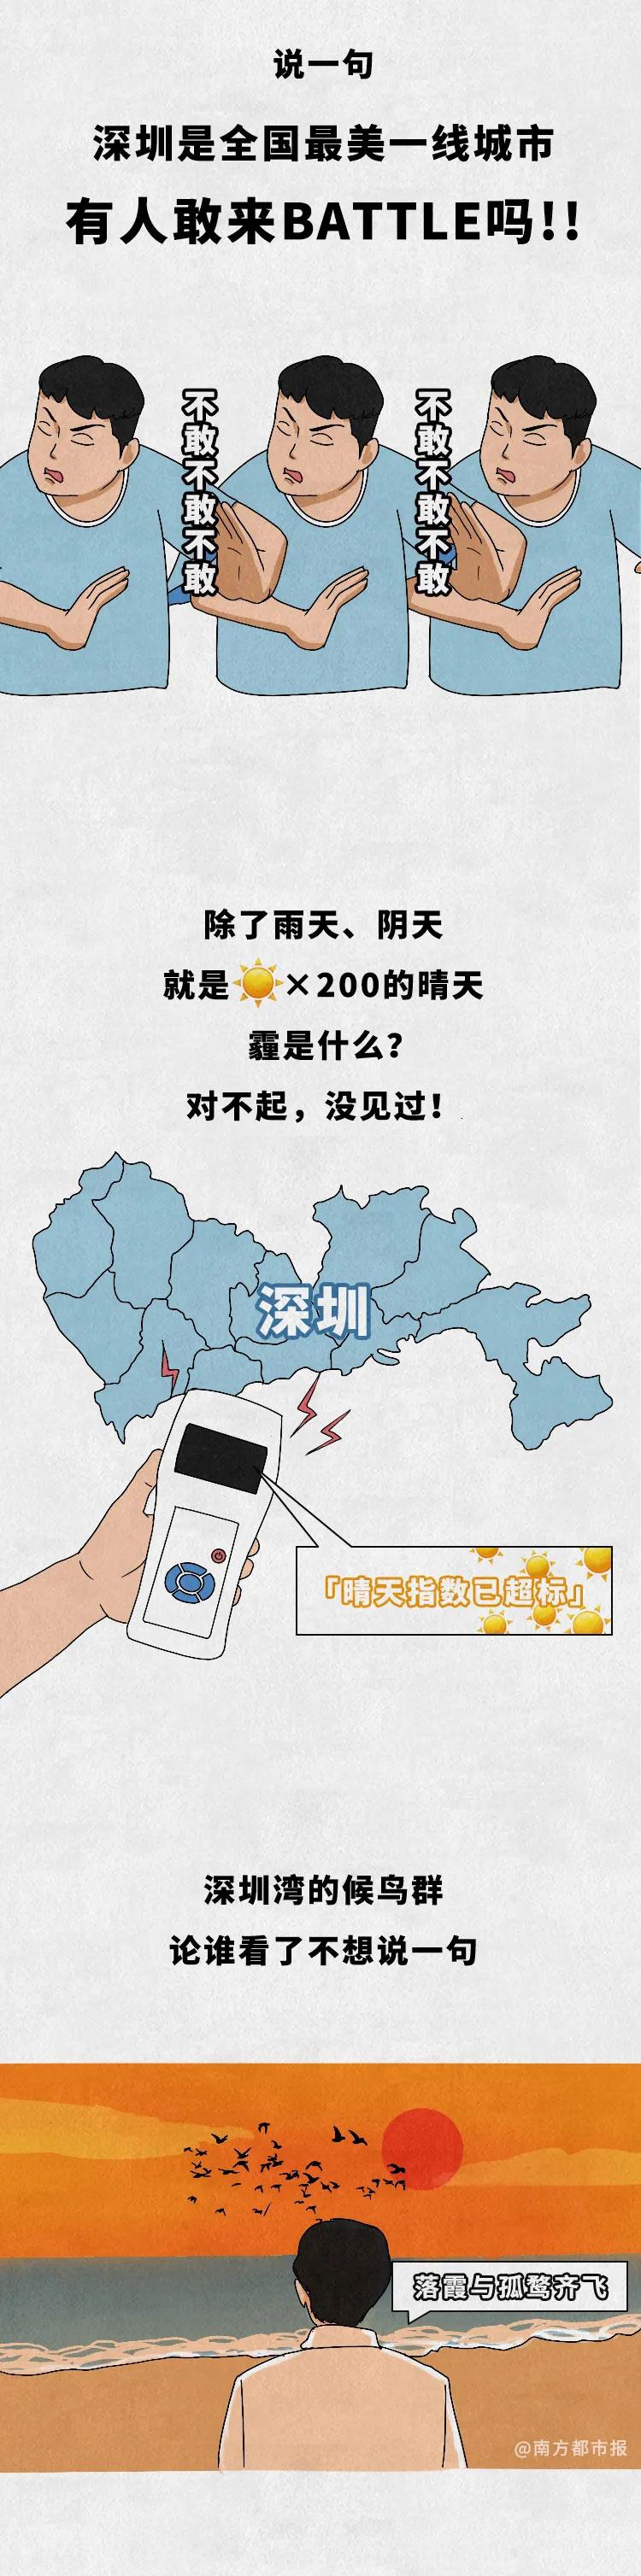 广东的城市